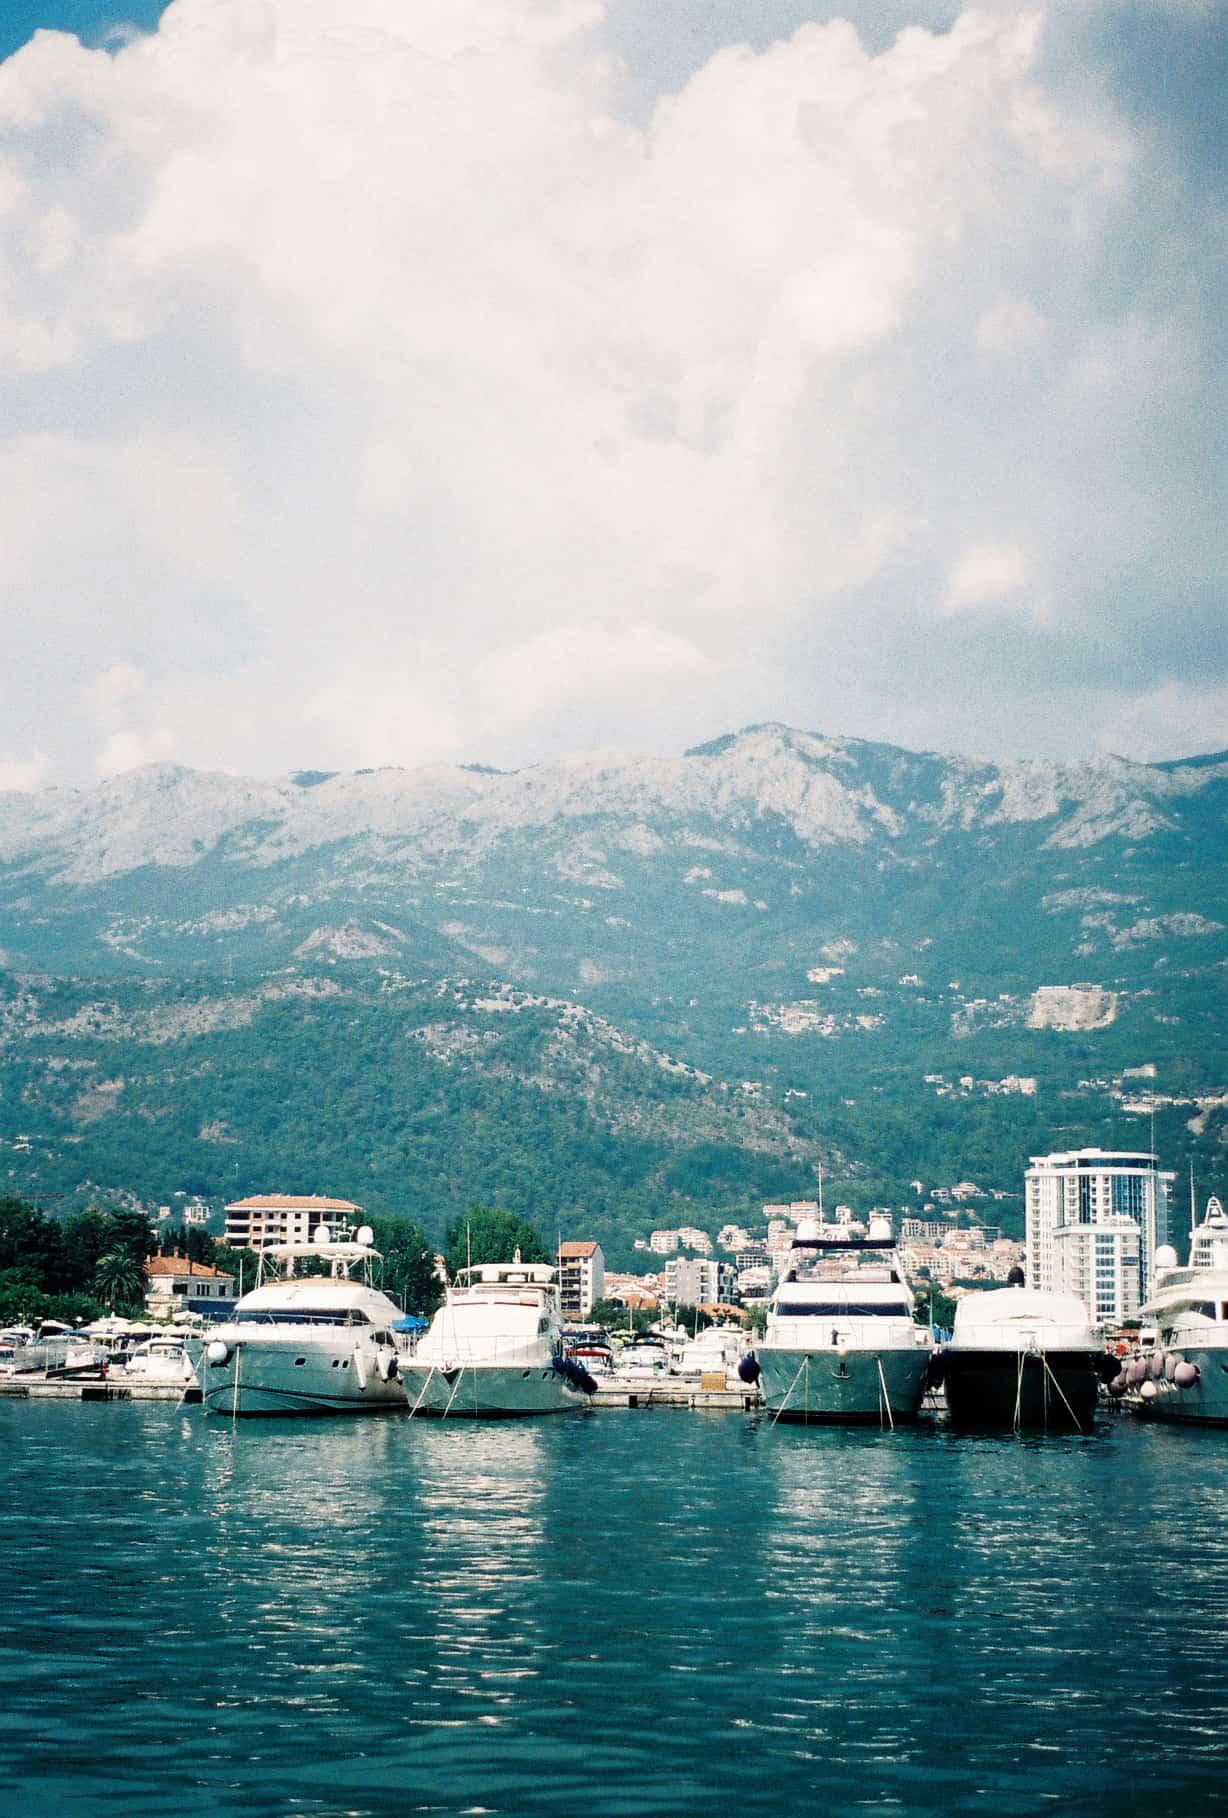 Budva, Montenegro: Booze, Boats, and Beaches